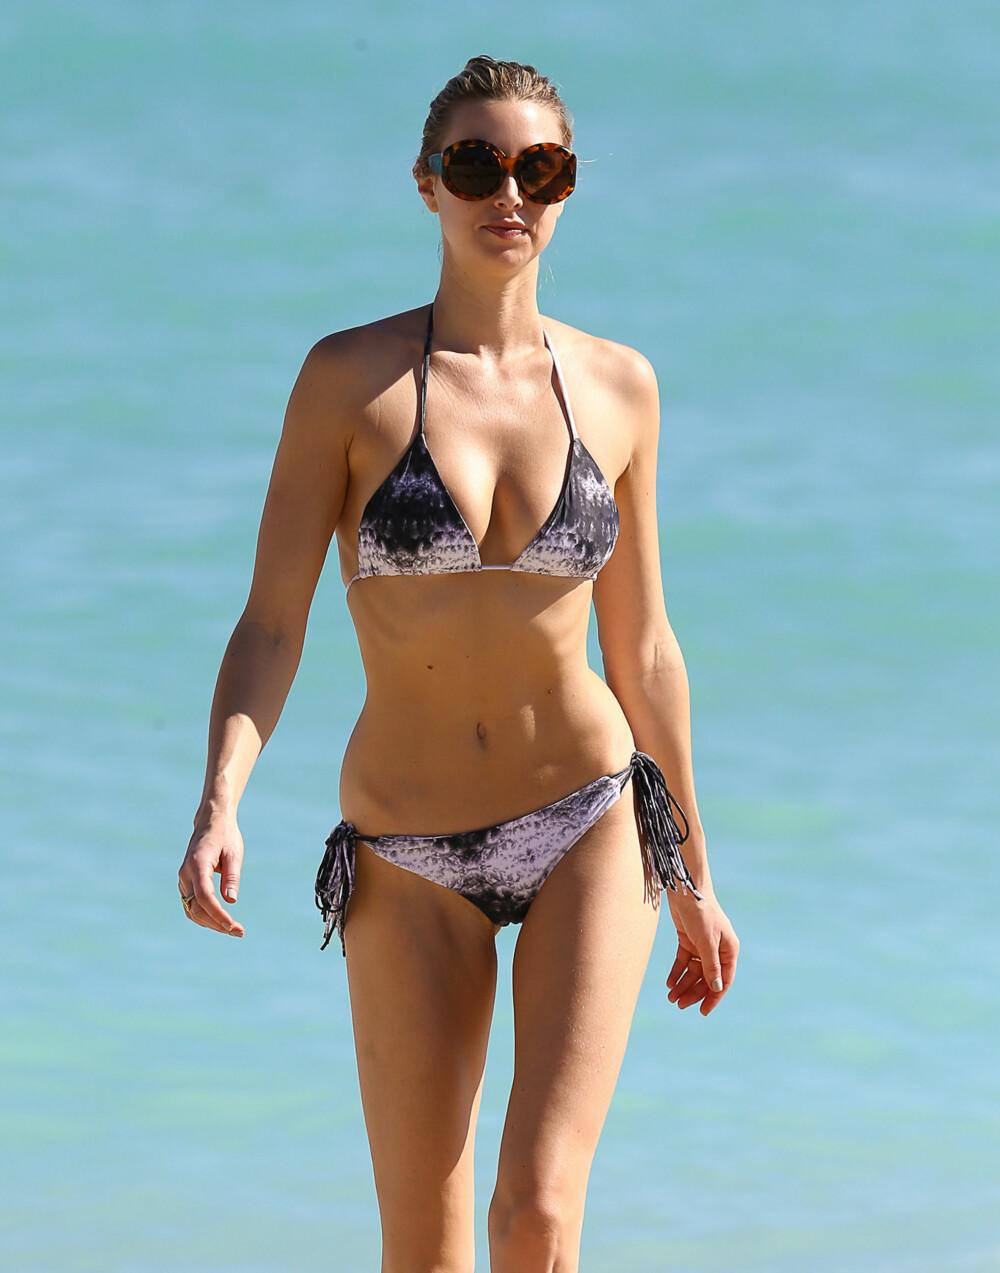 8b0527c7 SE ETTER DETTE: En bikini skal ikke være for stram, og sørg for at